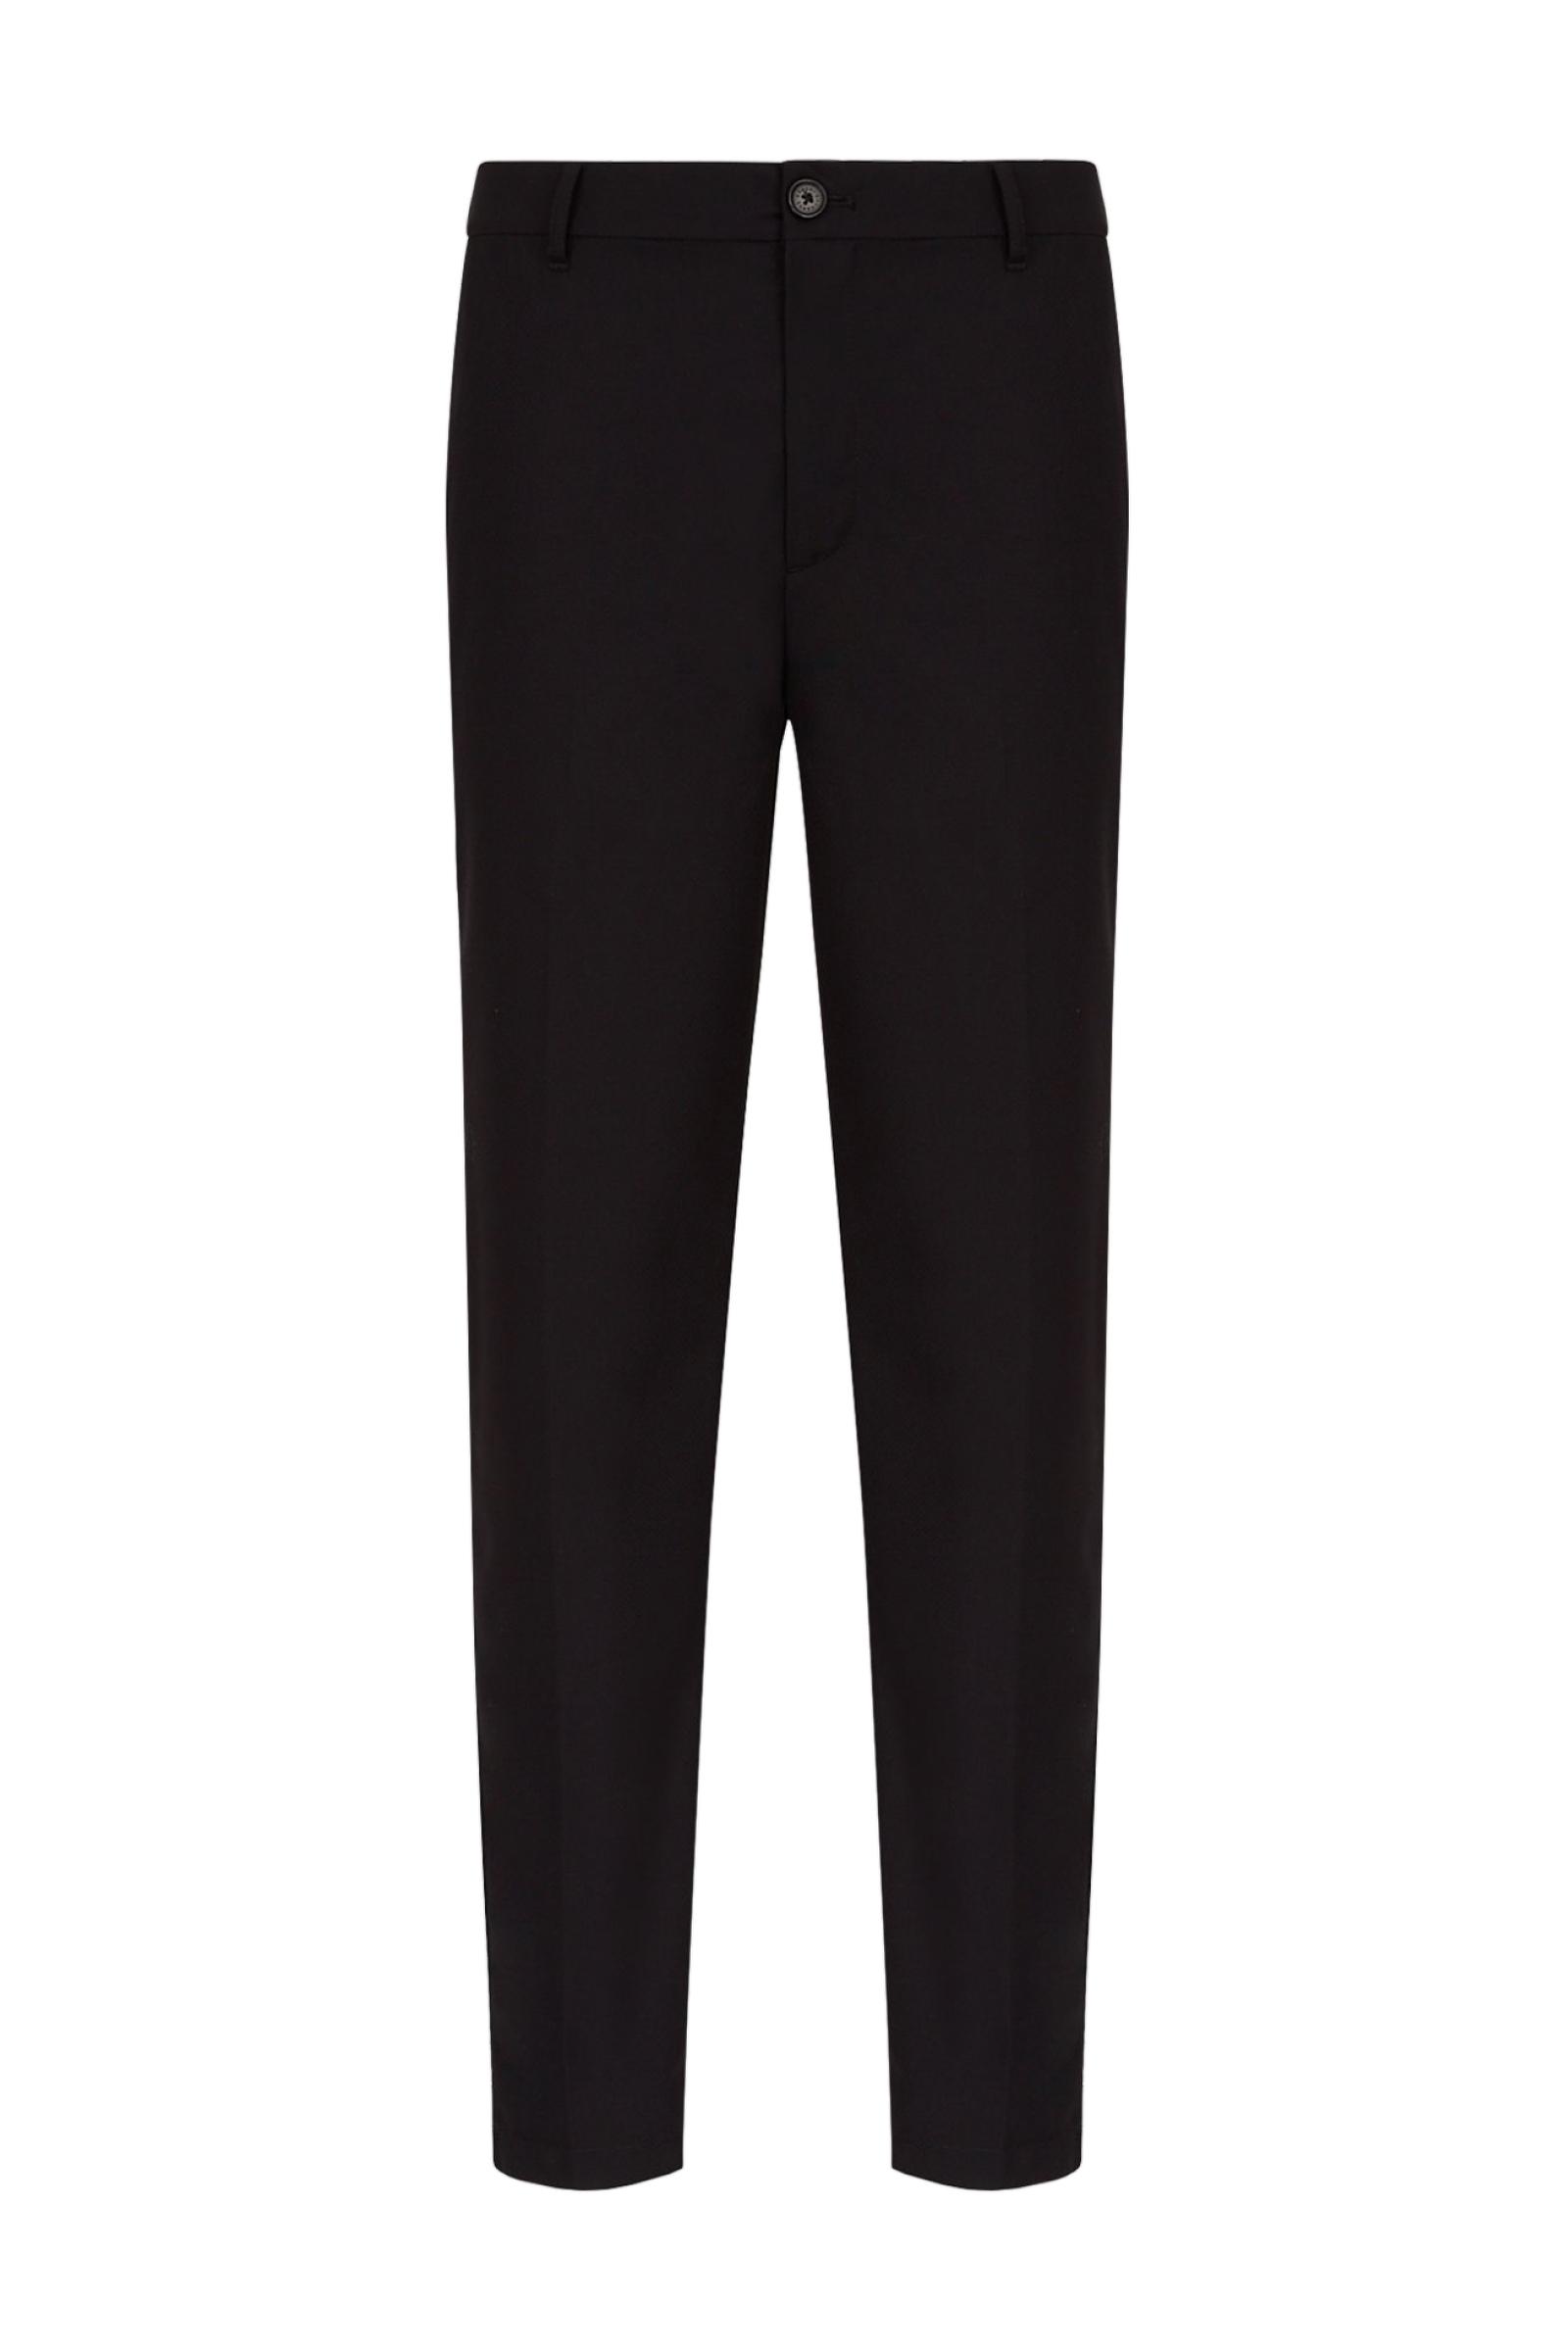 ARMANI EXCHANGE Men's trousers ARMANI EXCHANGE | Trousers | 6HZP51 ZNPWZ1200